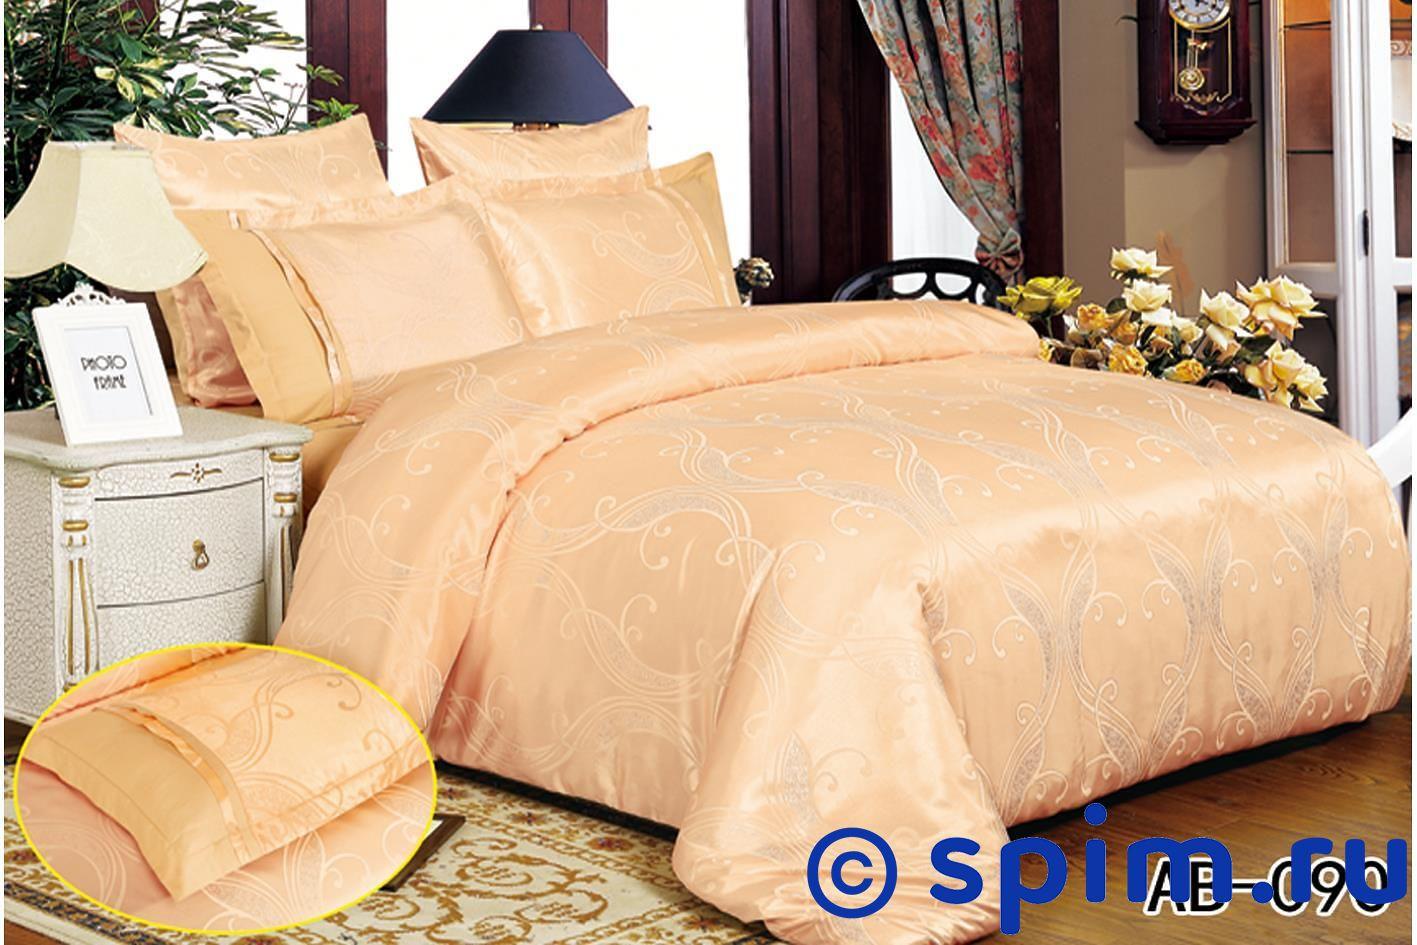 Комплект KingSilk-Arlet Ab-090 Евро-стандартПостельное белье Kingsilk-Arlet<br>Материал: верх - 50% хлопок, 50% вискоза, низ - 100% хлопок (сатин-люкс). Размер КингСилк-Арлет: Евро-стандарт<br><br>Размер: Евро-стандарт